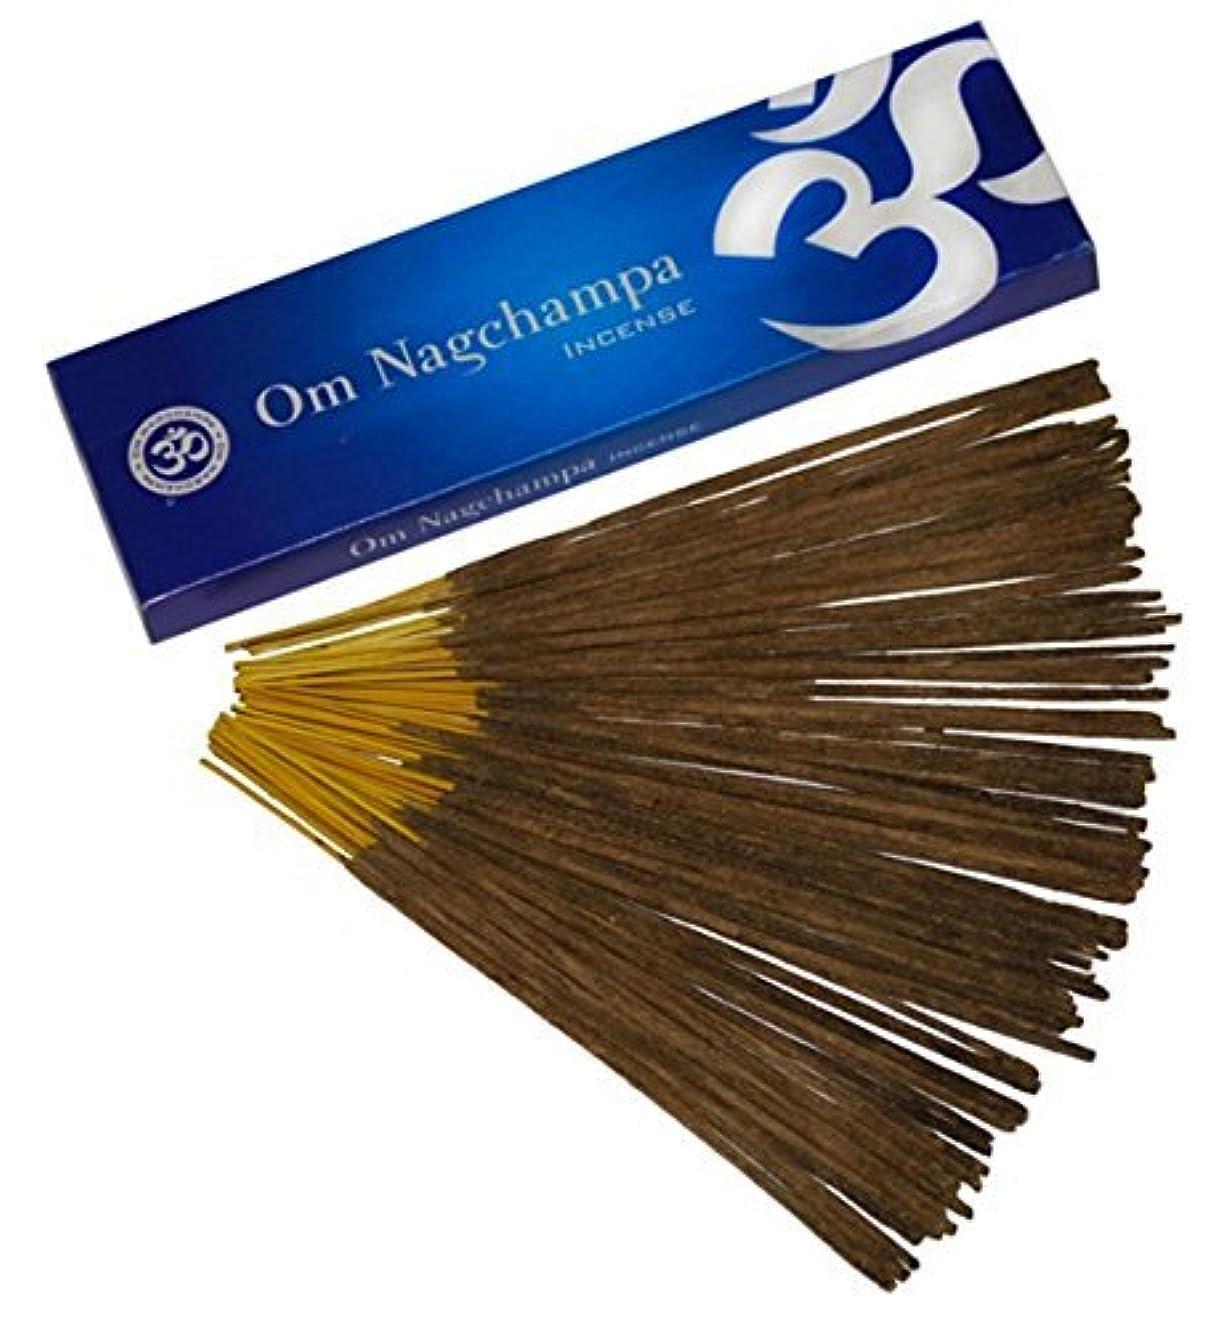 バー繰り返し運搬Om Nagchampa Nag ChampaプレミアムIncense Fragrance 15 g 40 g 100 g 100g ブラウン B00MV3LZ9E